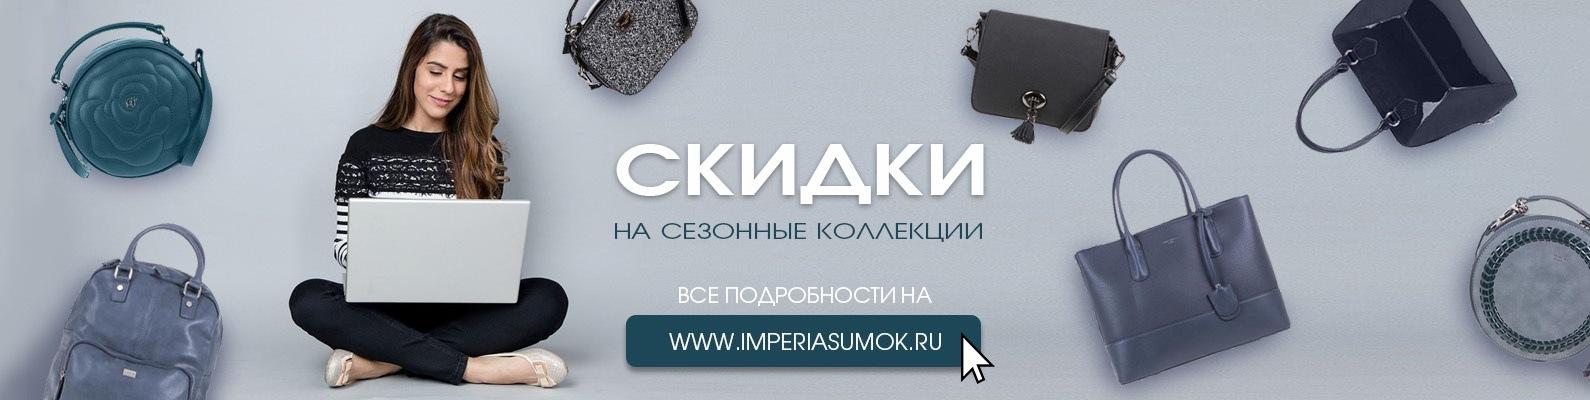 9b78a495b6ae ИМПЕРИЯ СУМОК · ▻модные женские и мужские сумки   ВКонтакте